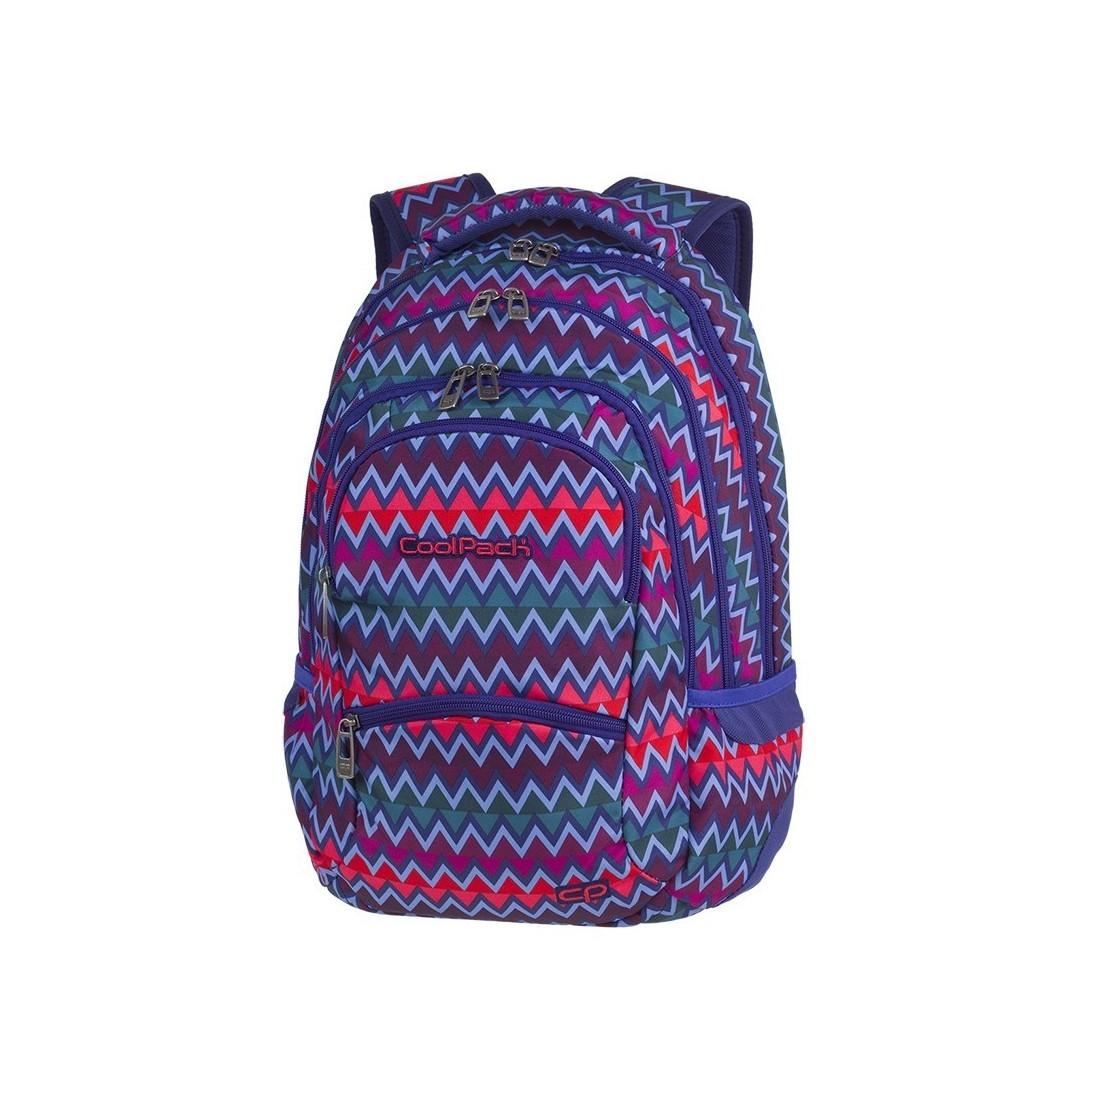 Plecak młodzieżowy CoolPack CP COLLEGE CHEVRON STRIPES zygzaki jodełkowy wzór niebieski różowy - 5 przegród - A526 - plecak-tornister.pl